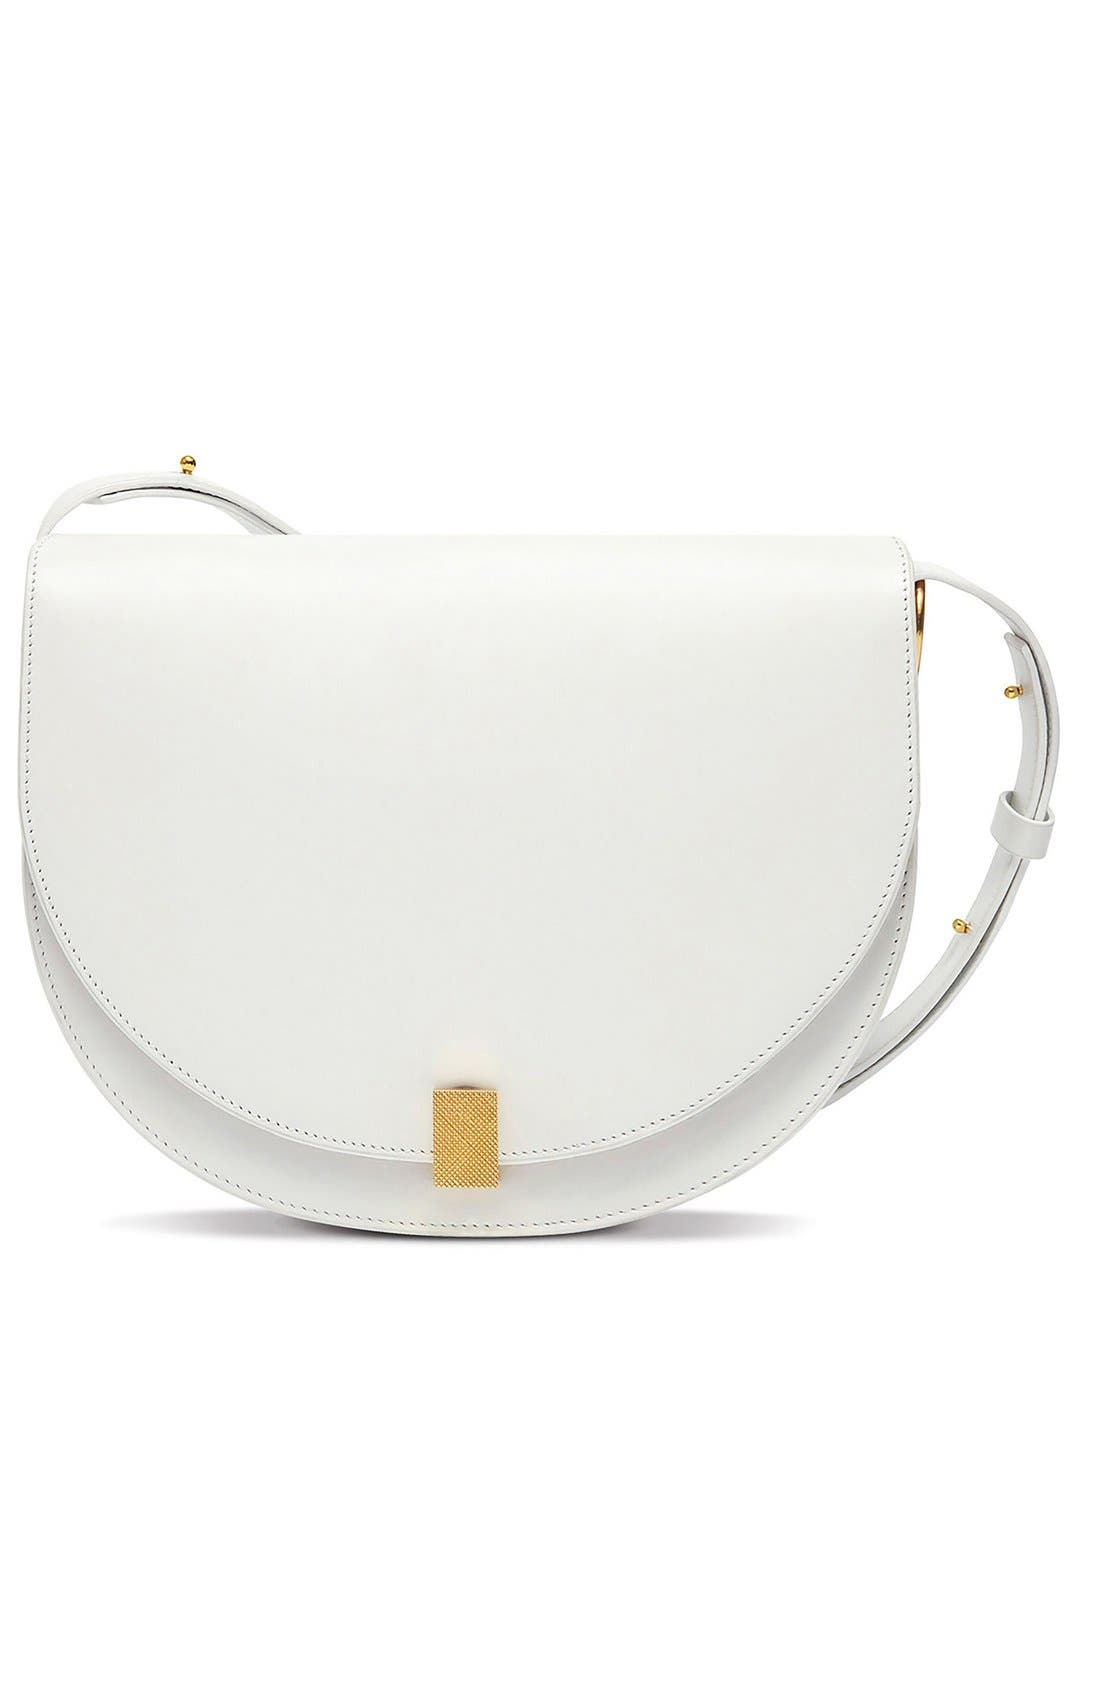 Alternate Image 1 Selected - Victoria Beckham Half Moon Box Shoulder Bag